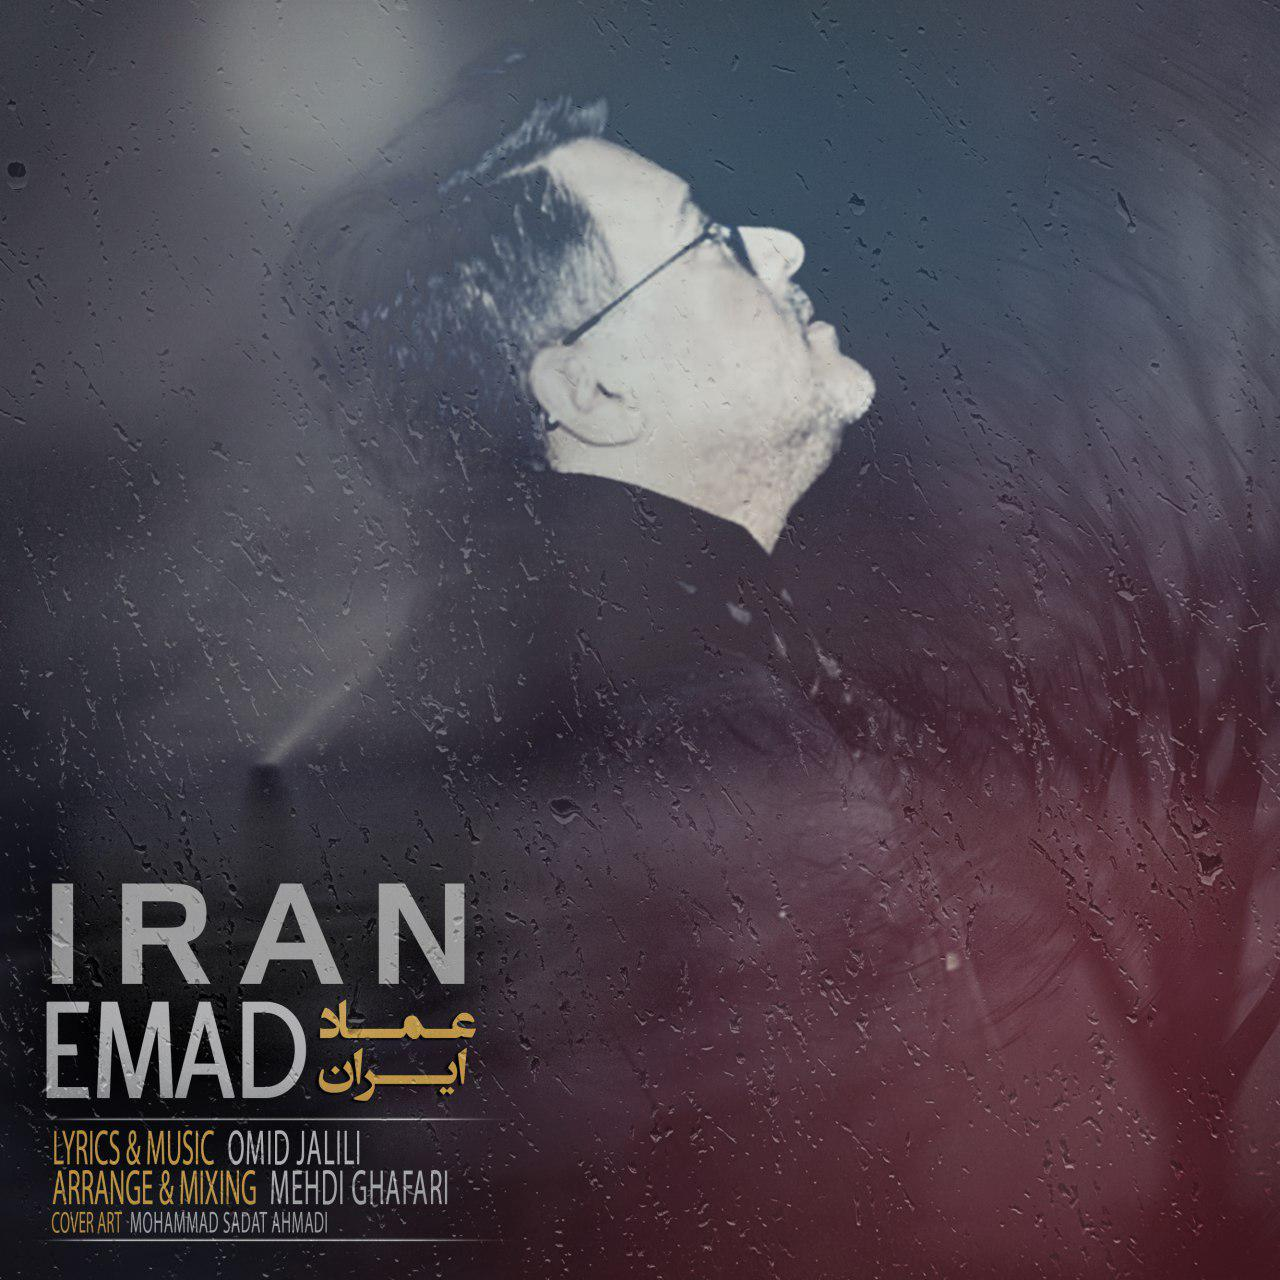 دانلود آهنگ عماد به نام ایران